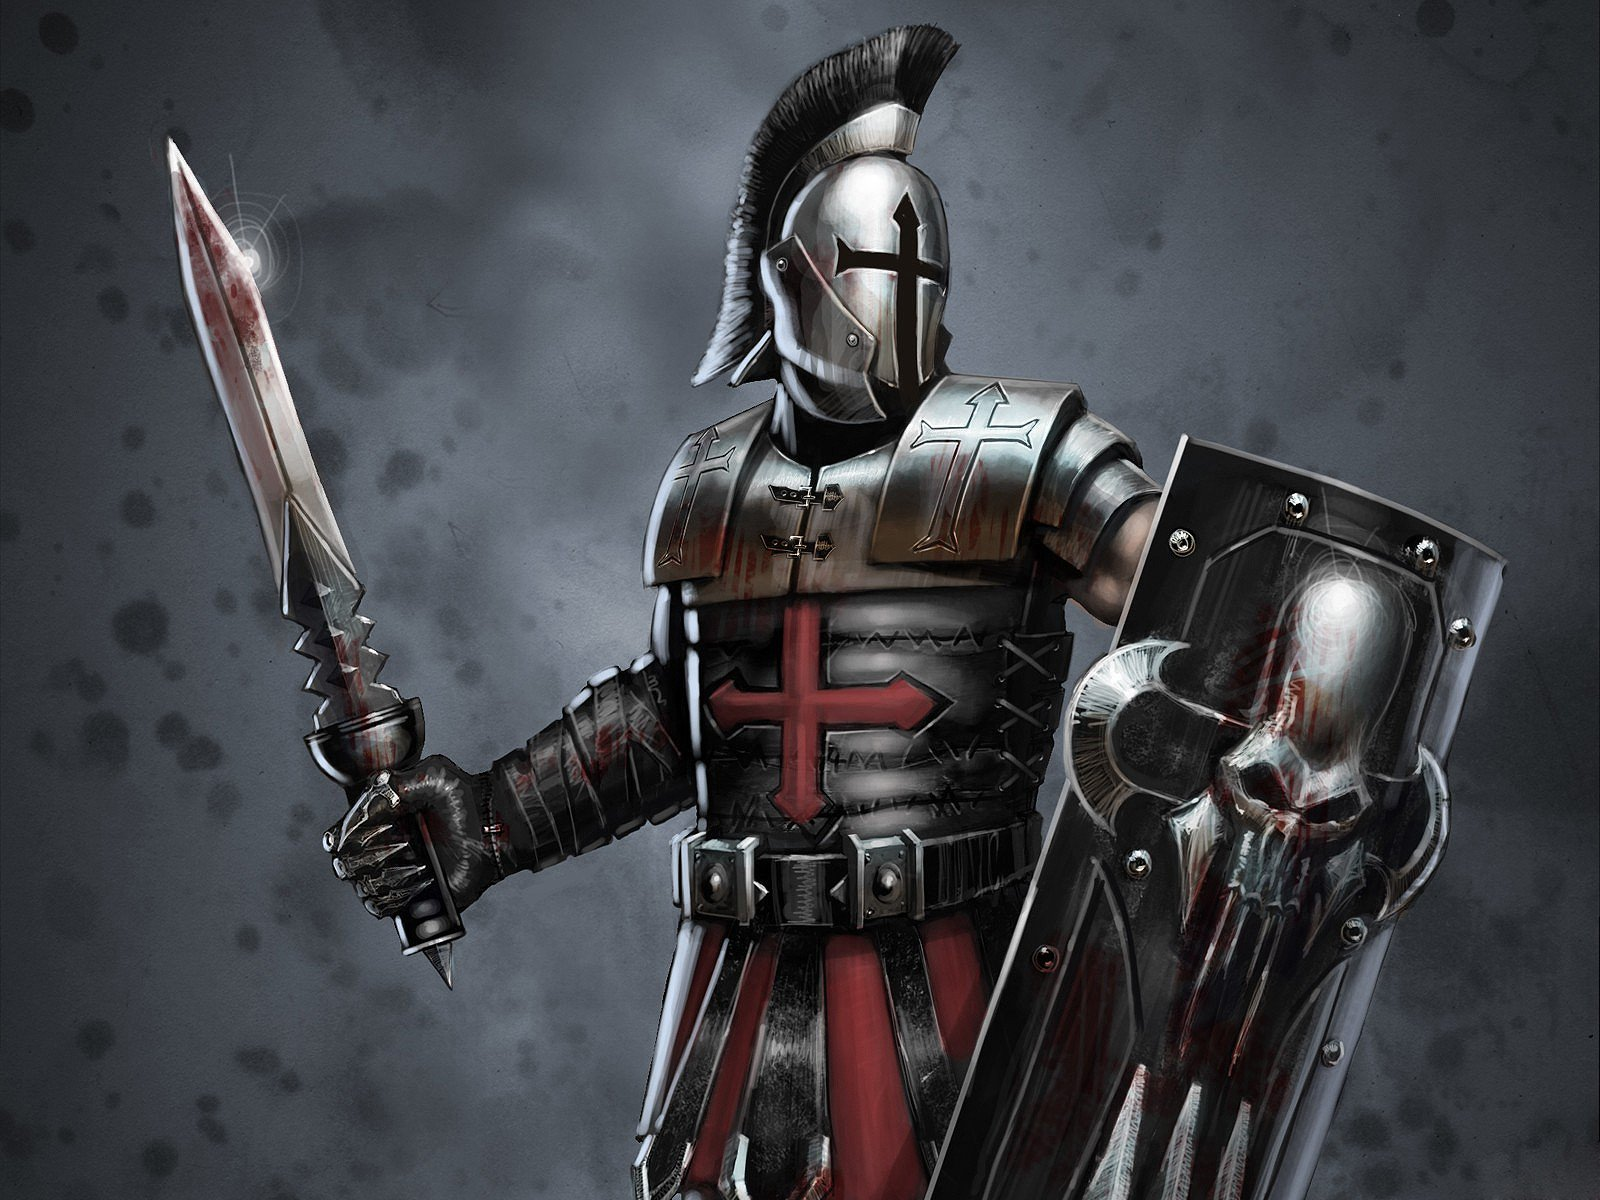 картинки крестоносцев с щитом и мечом еще совсем уверен